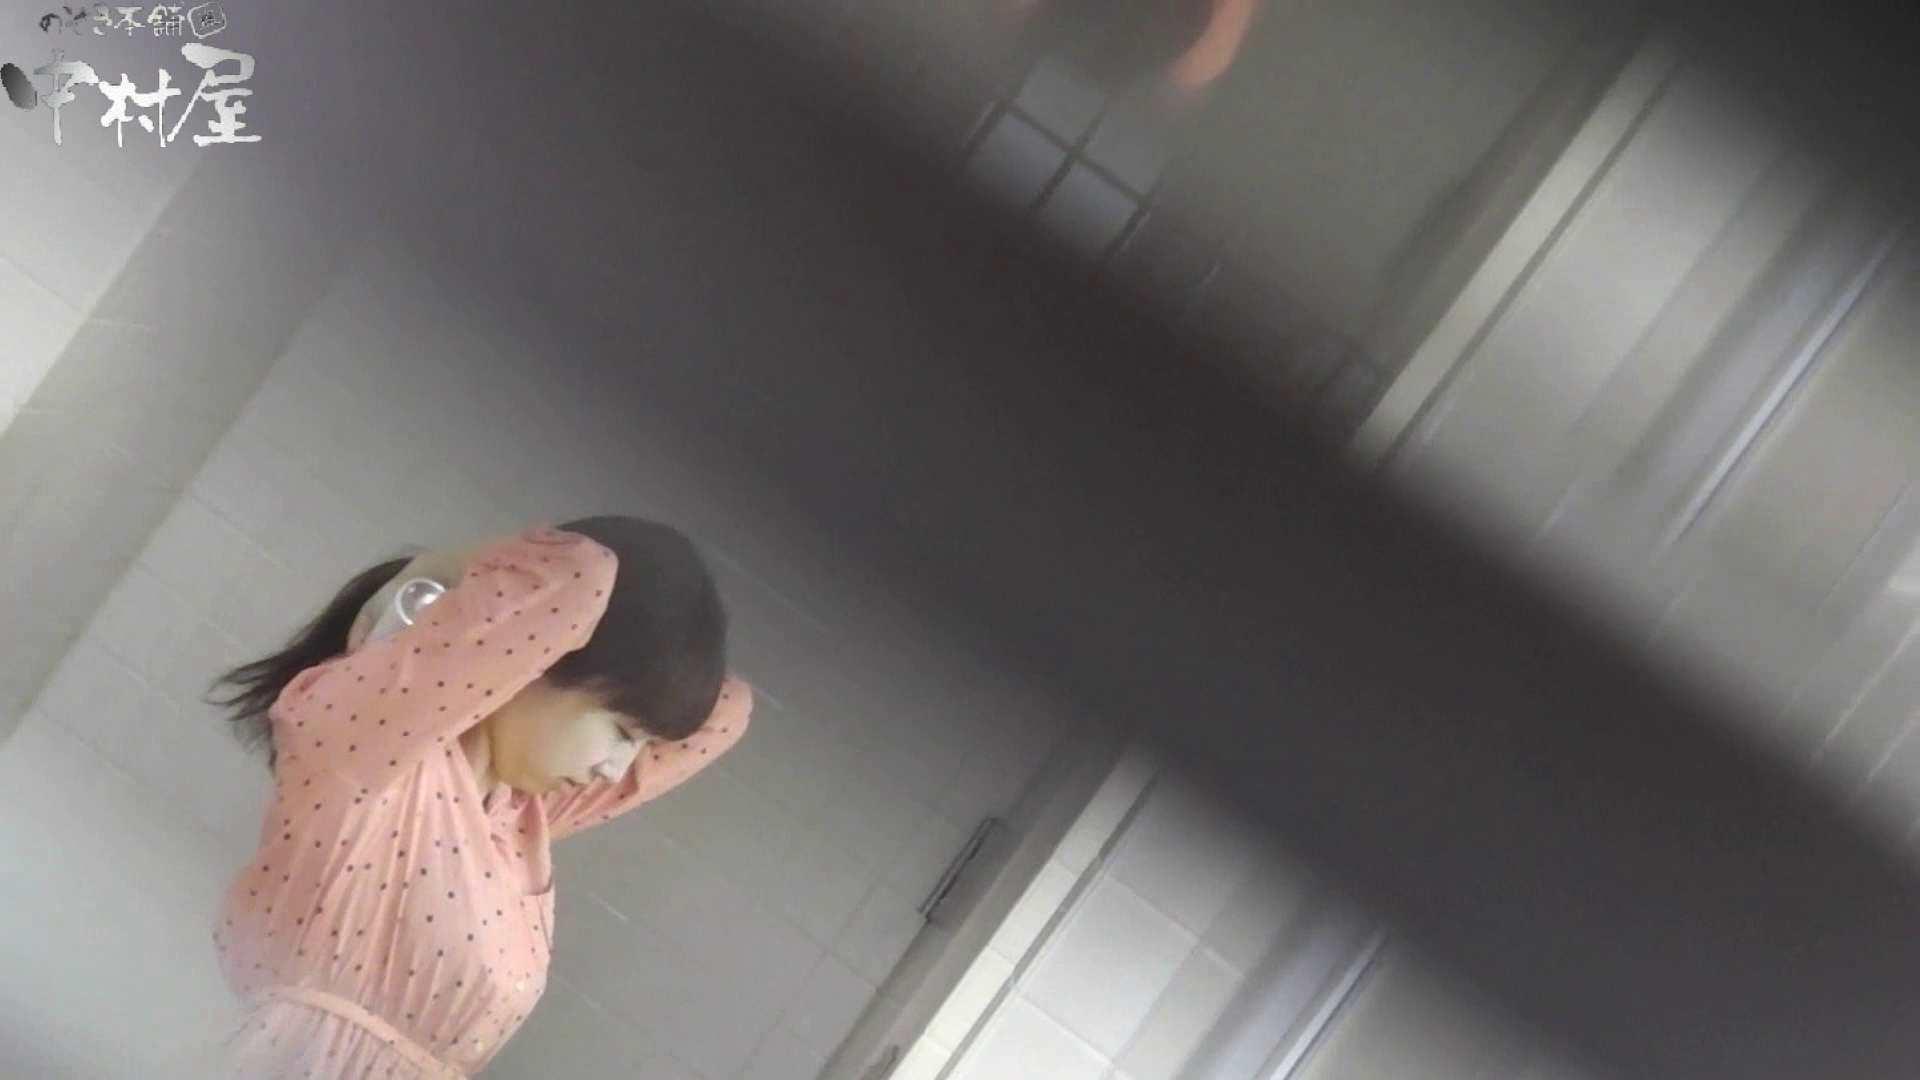 【お銀さんの「洗面所突入レポート!!」】お銀さんの「洗面所突入レポート!!」 vol.28小島陽菜似のピンクオシャレさん 美しいOLの裸体   洗面所突入  102pic 23